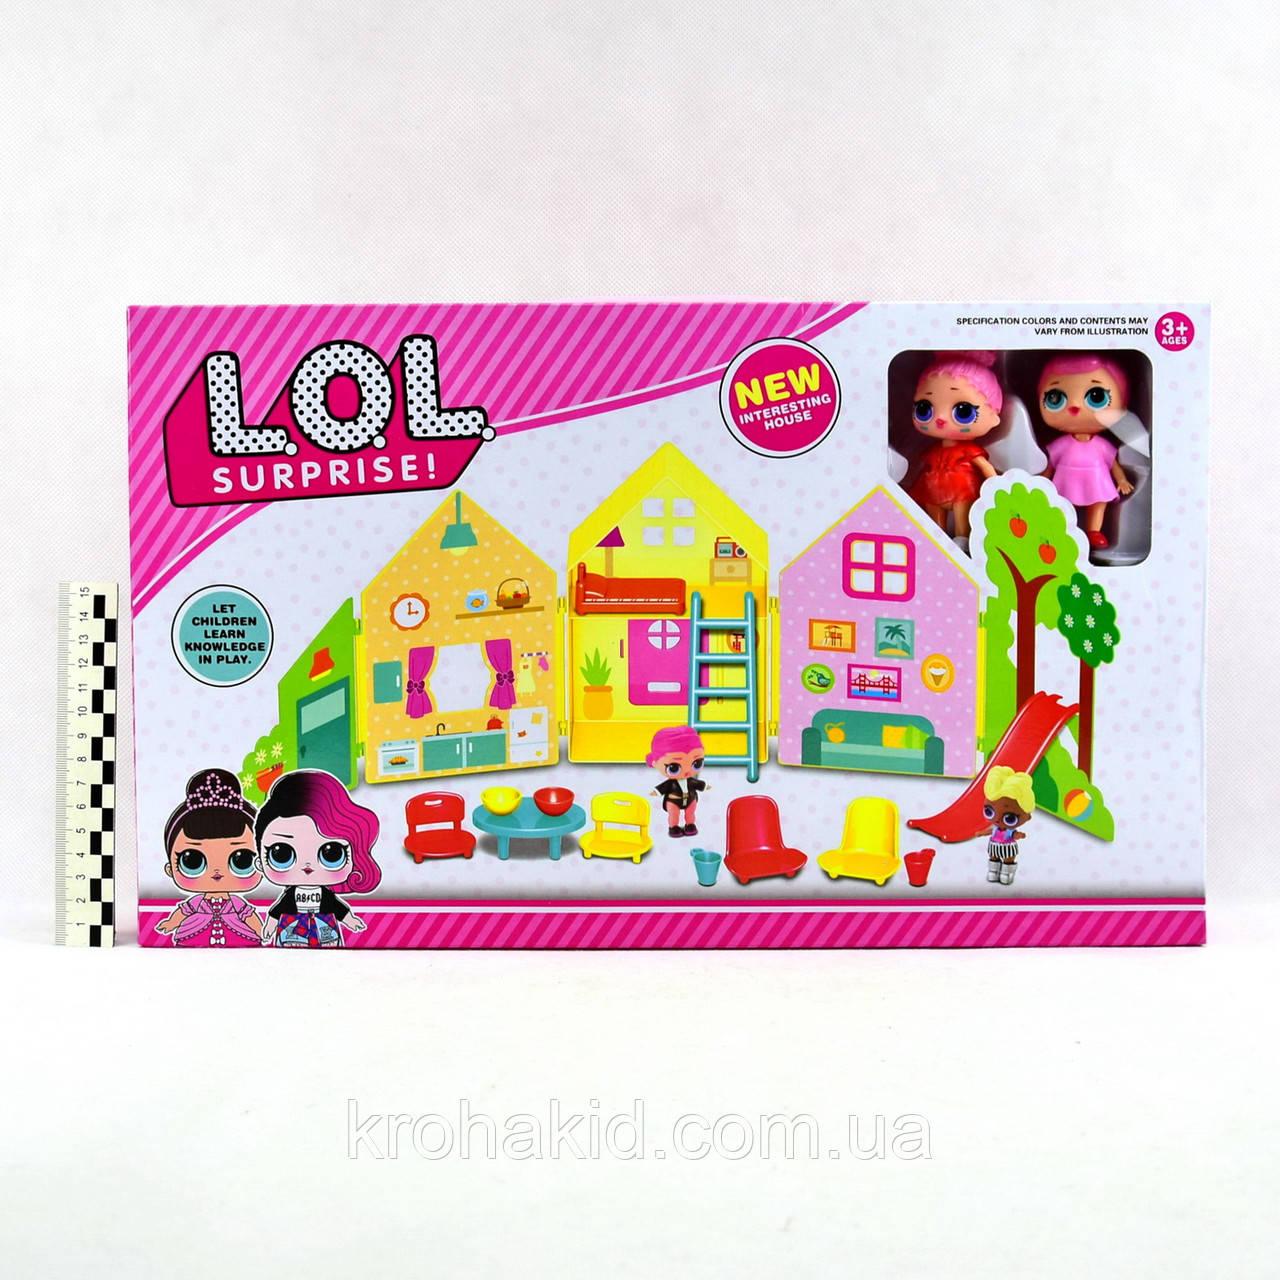 Дом для кукол с куклами LOL / Домик Лол / Игрушечный домик для кукол Лол SC-810